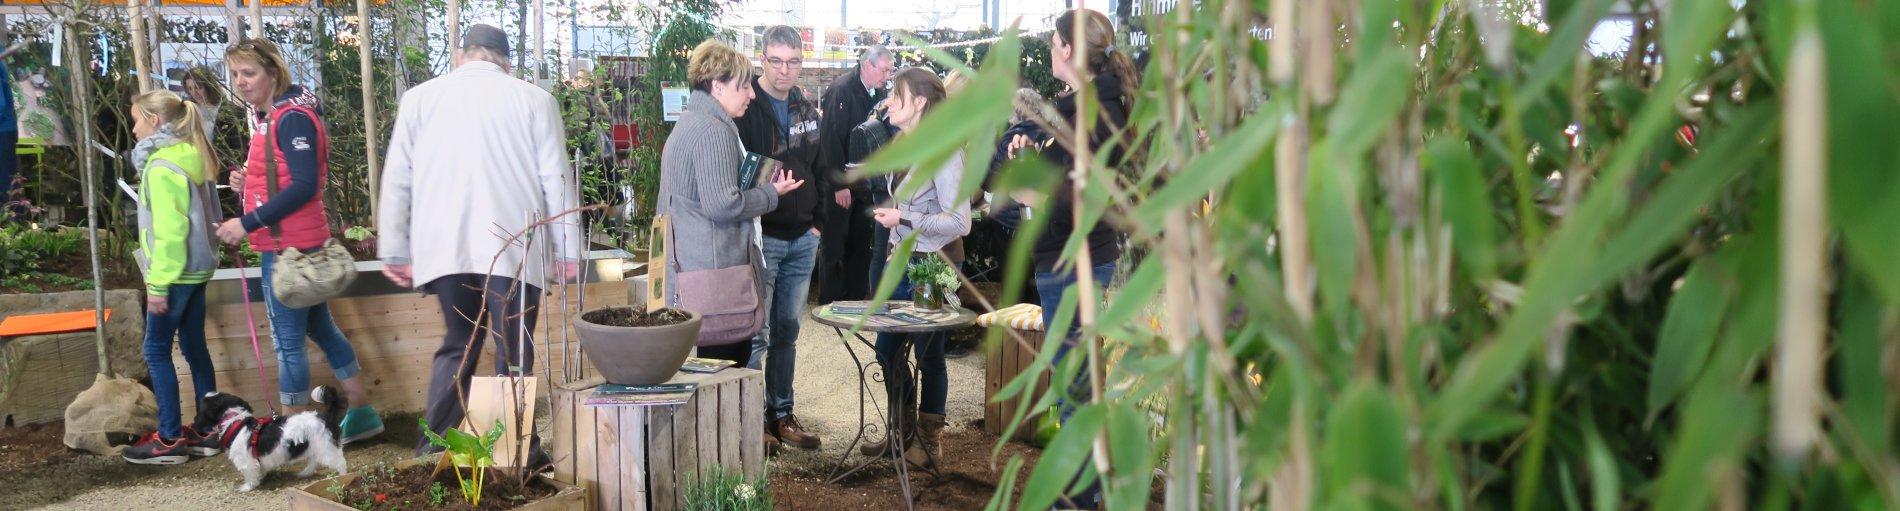 Mehrere Besucher der Veranstaltung Gartenträume Bremen schauen sich Pflanzen an und unterhalten sich.